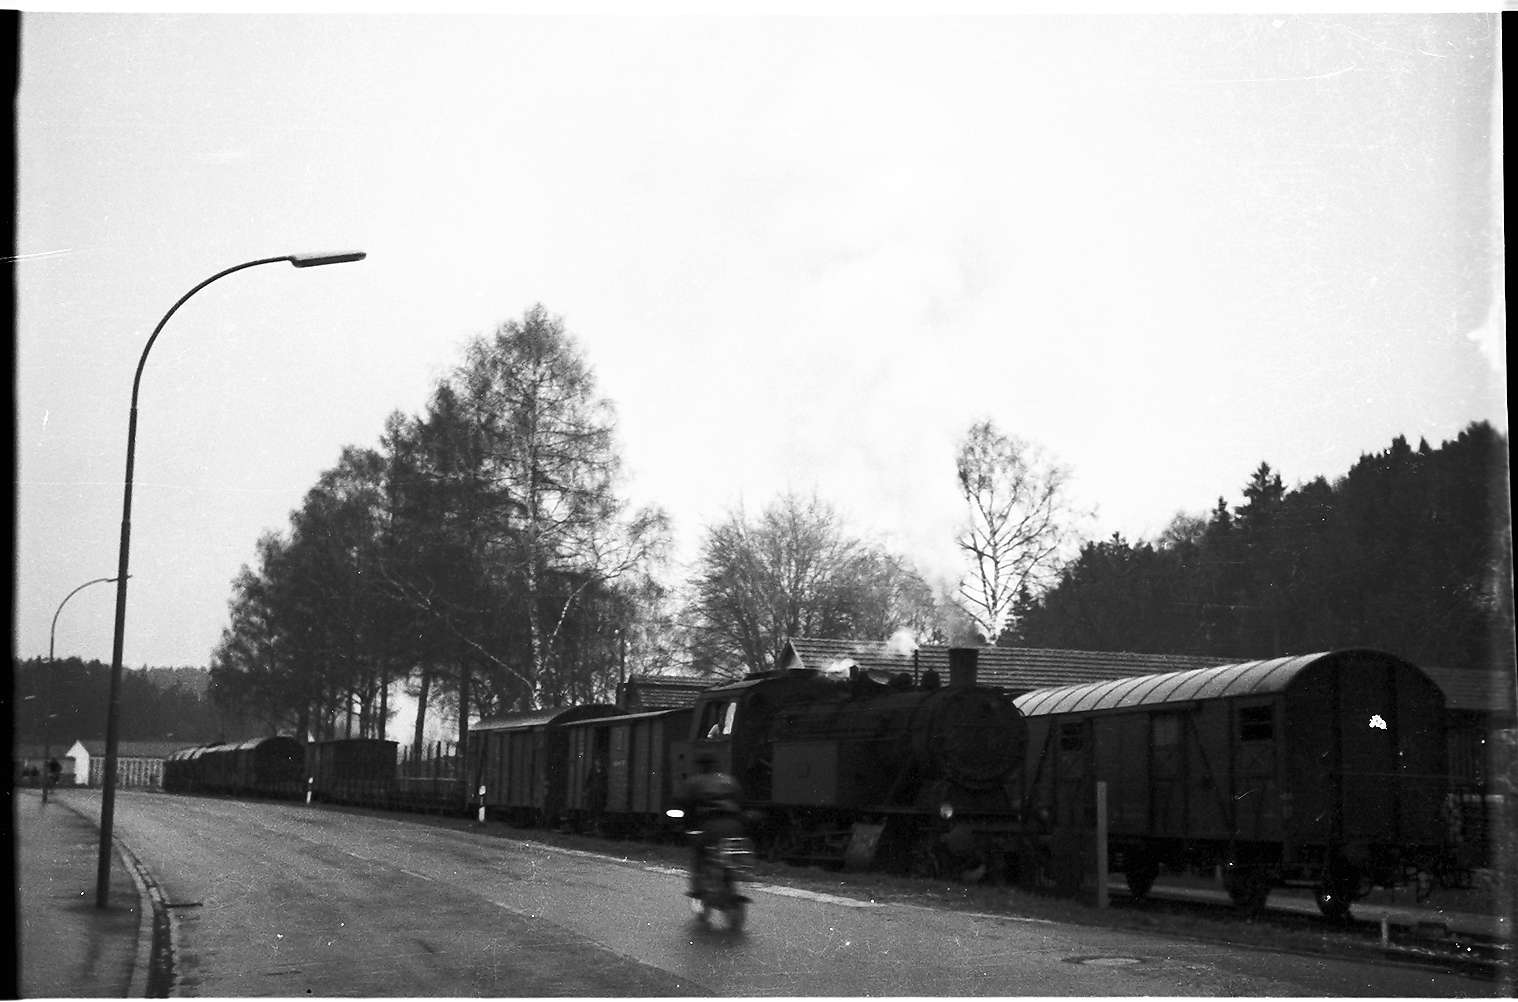 Lok 15, Güterzug 313, Strecke Laucherthal - Sigmaringendorf, Bild 1